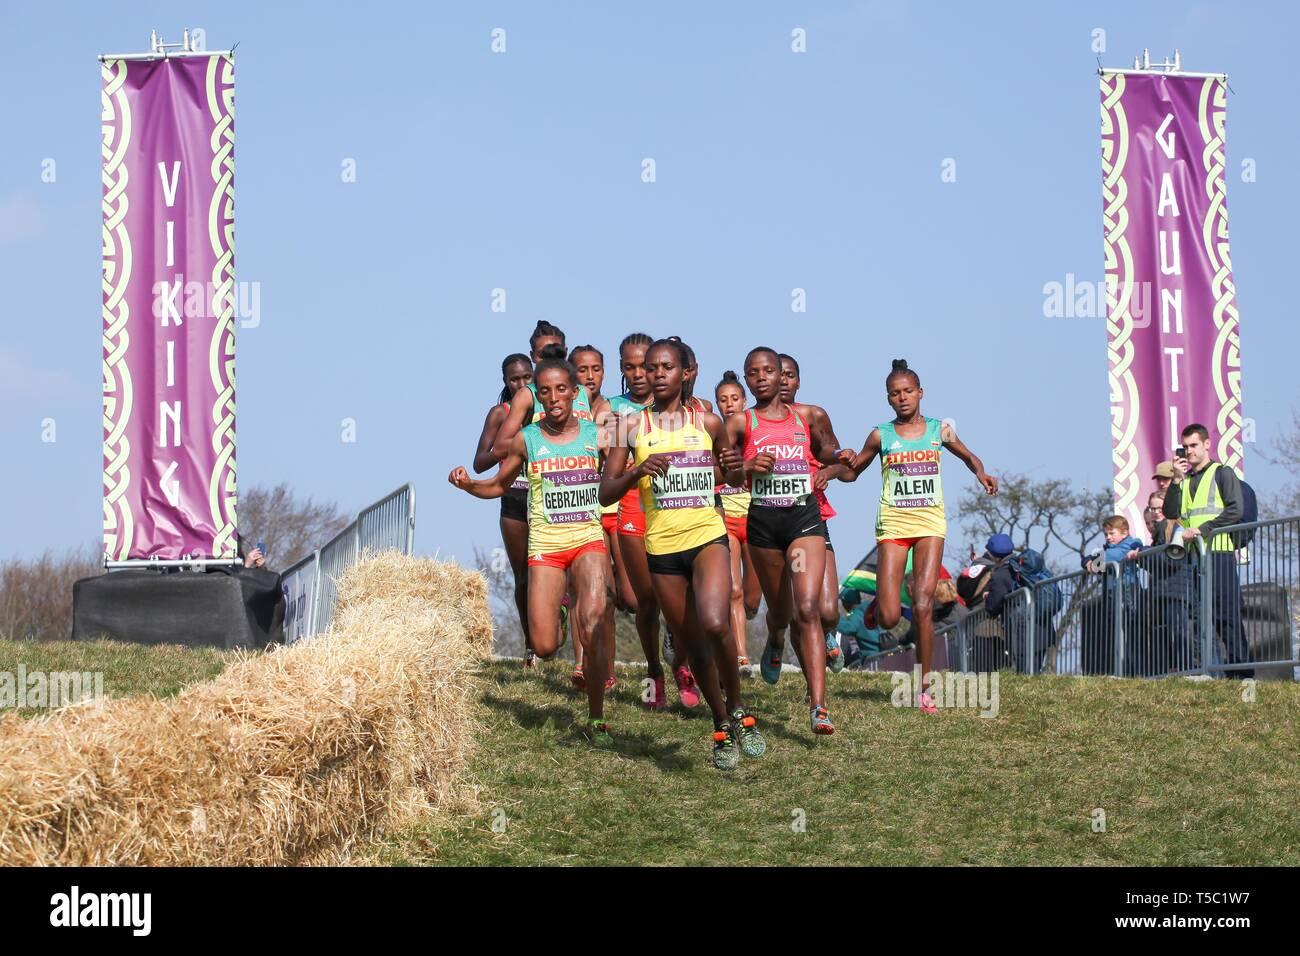 Aarhus, Denmark - March 30 2019: IAAF Mikkeller World cross country championship in Aarhus Moesgaard 2019 with junior women race - Stock Image